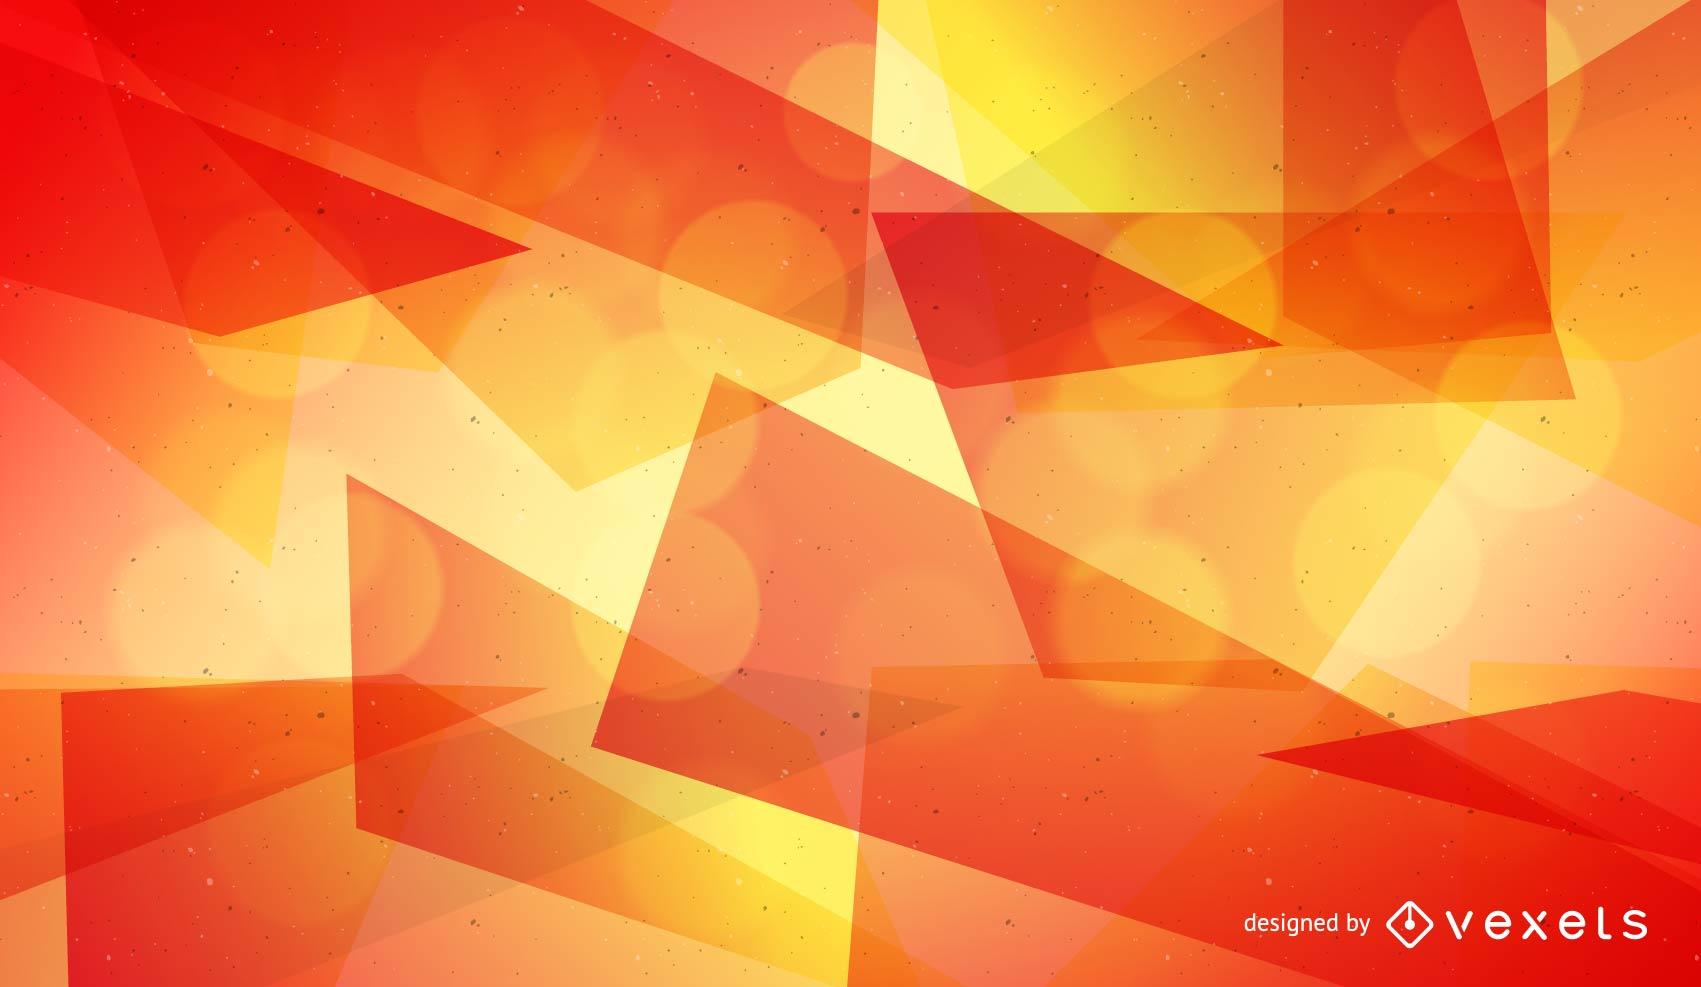 Abstract Design Vector Art Background Vector Download